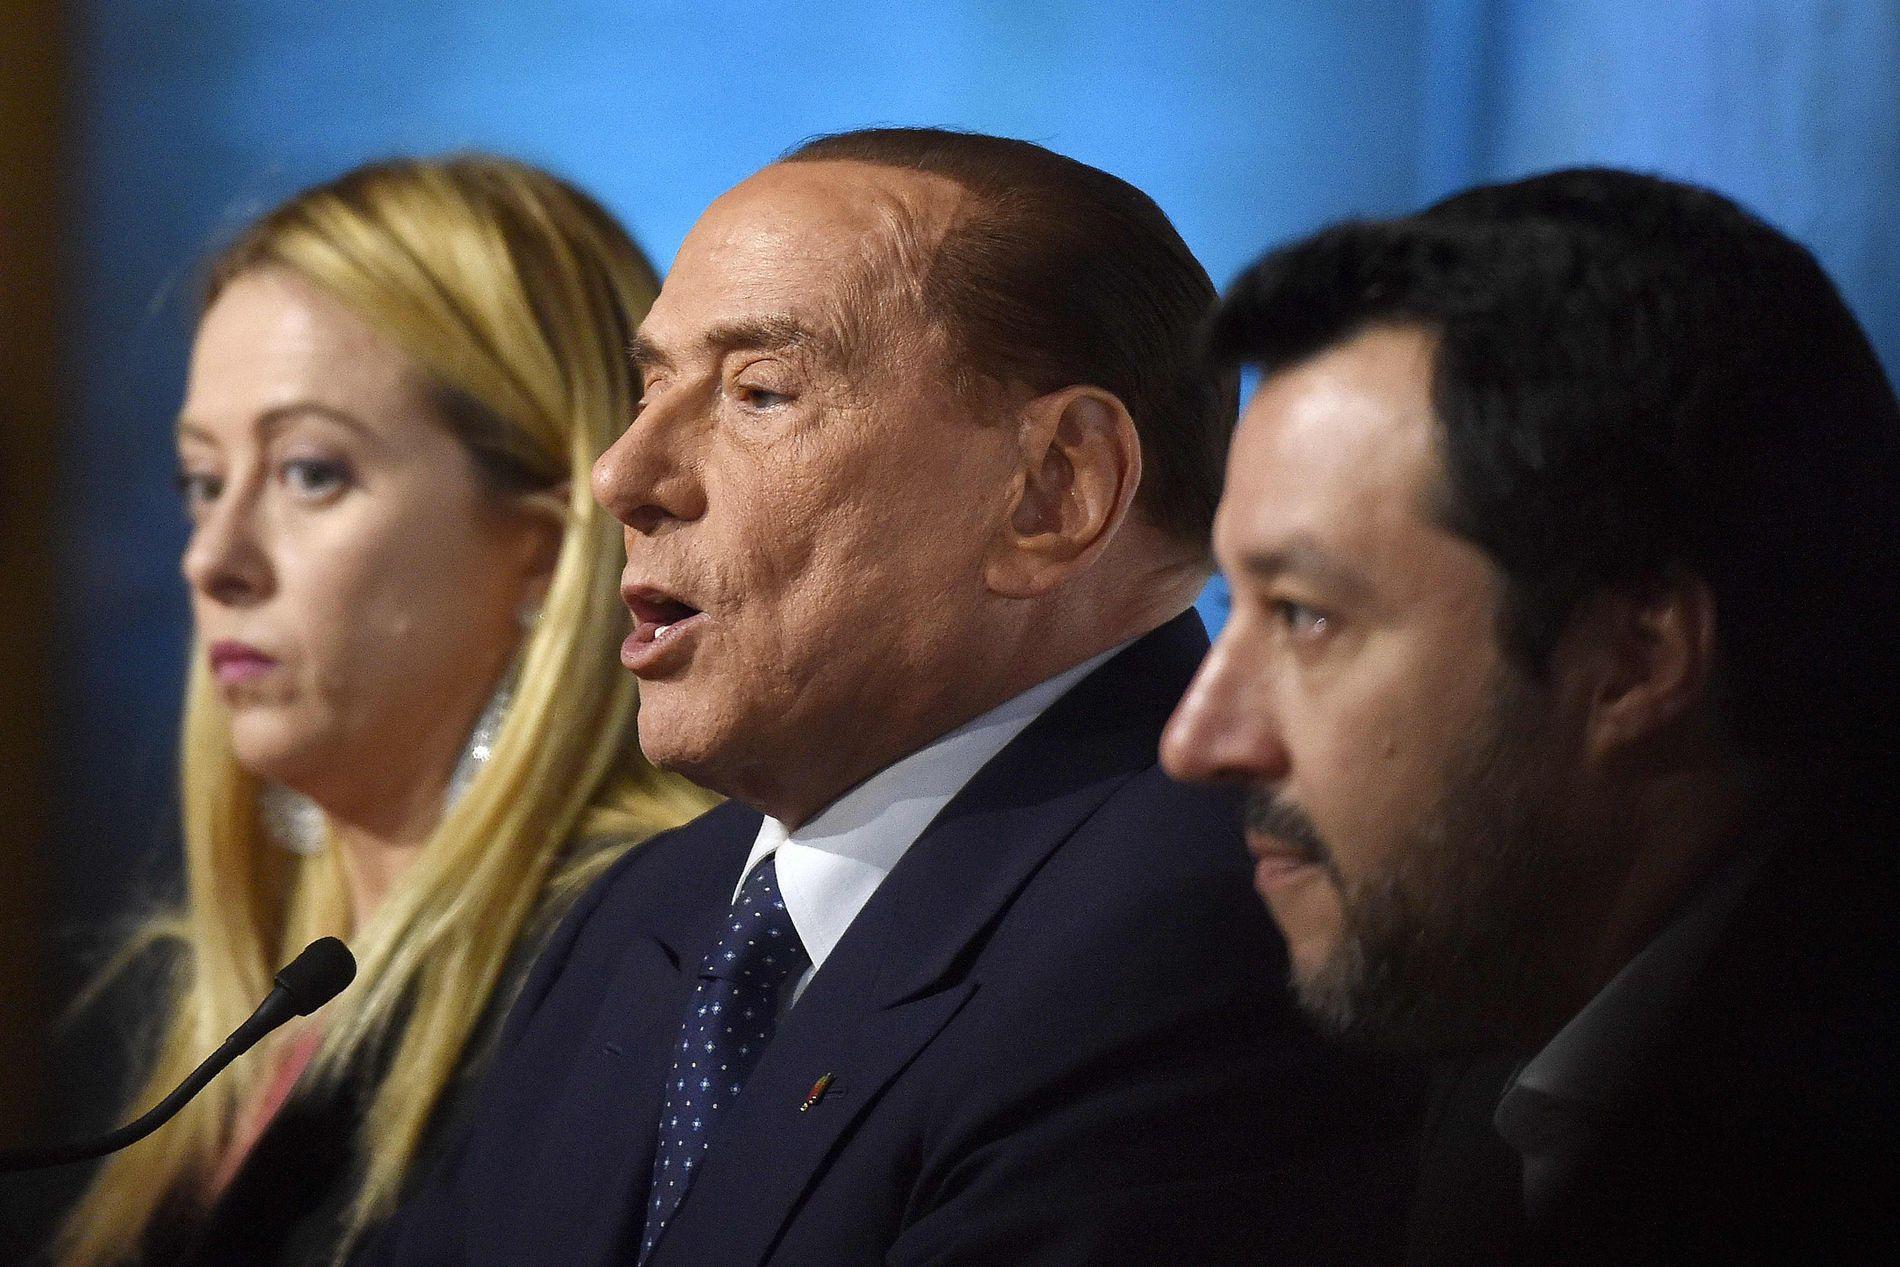 HØYREALLIANSE: Giorgia Meloni, Silvio Berlusconi og Matteo Salvini vil regjere sammen. Men de uenige om det meste.